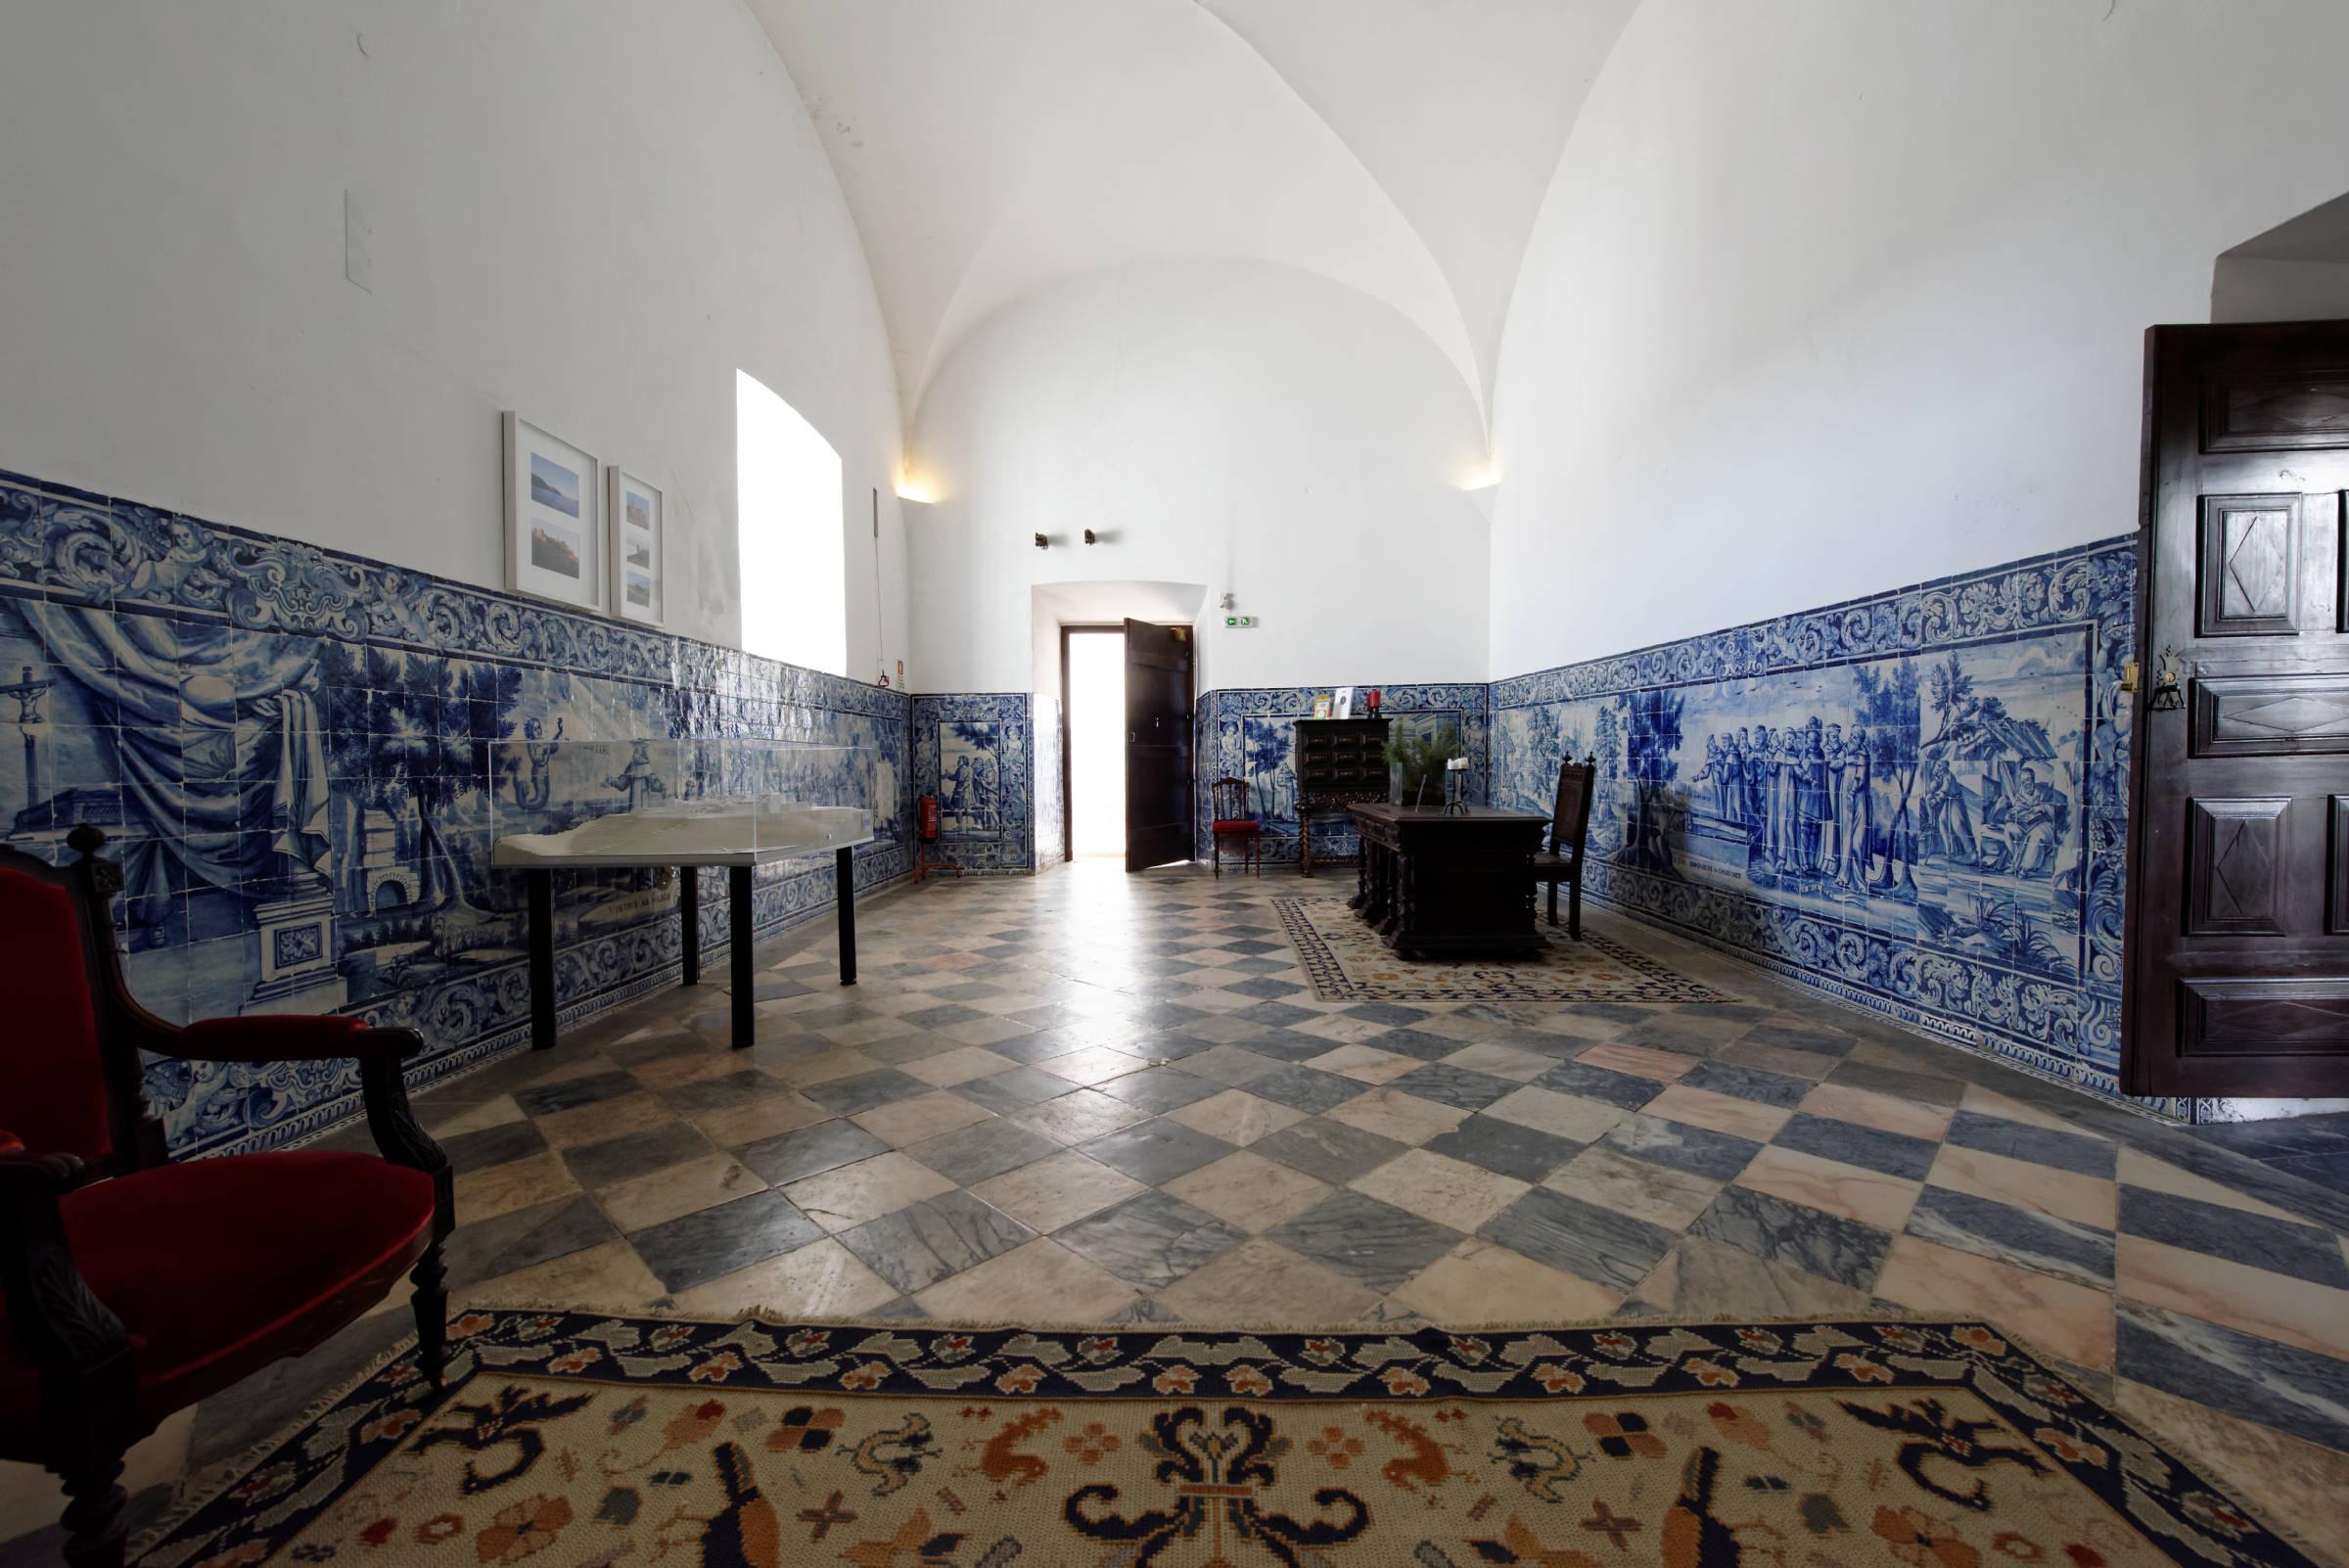 160407-Convento de sao paulo (Alentero Portugal) (108)